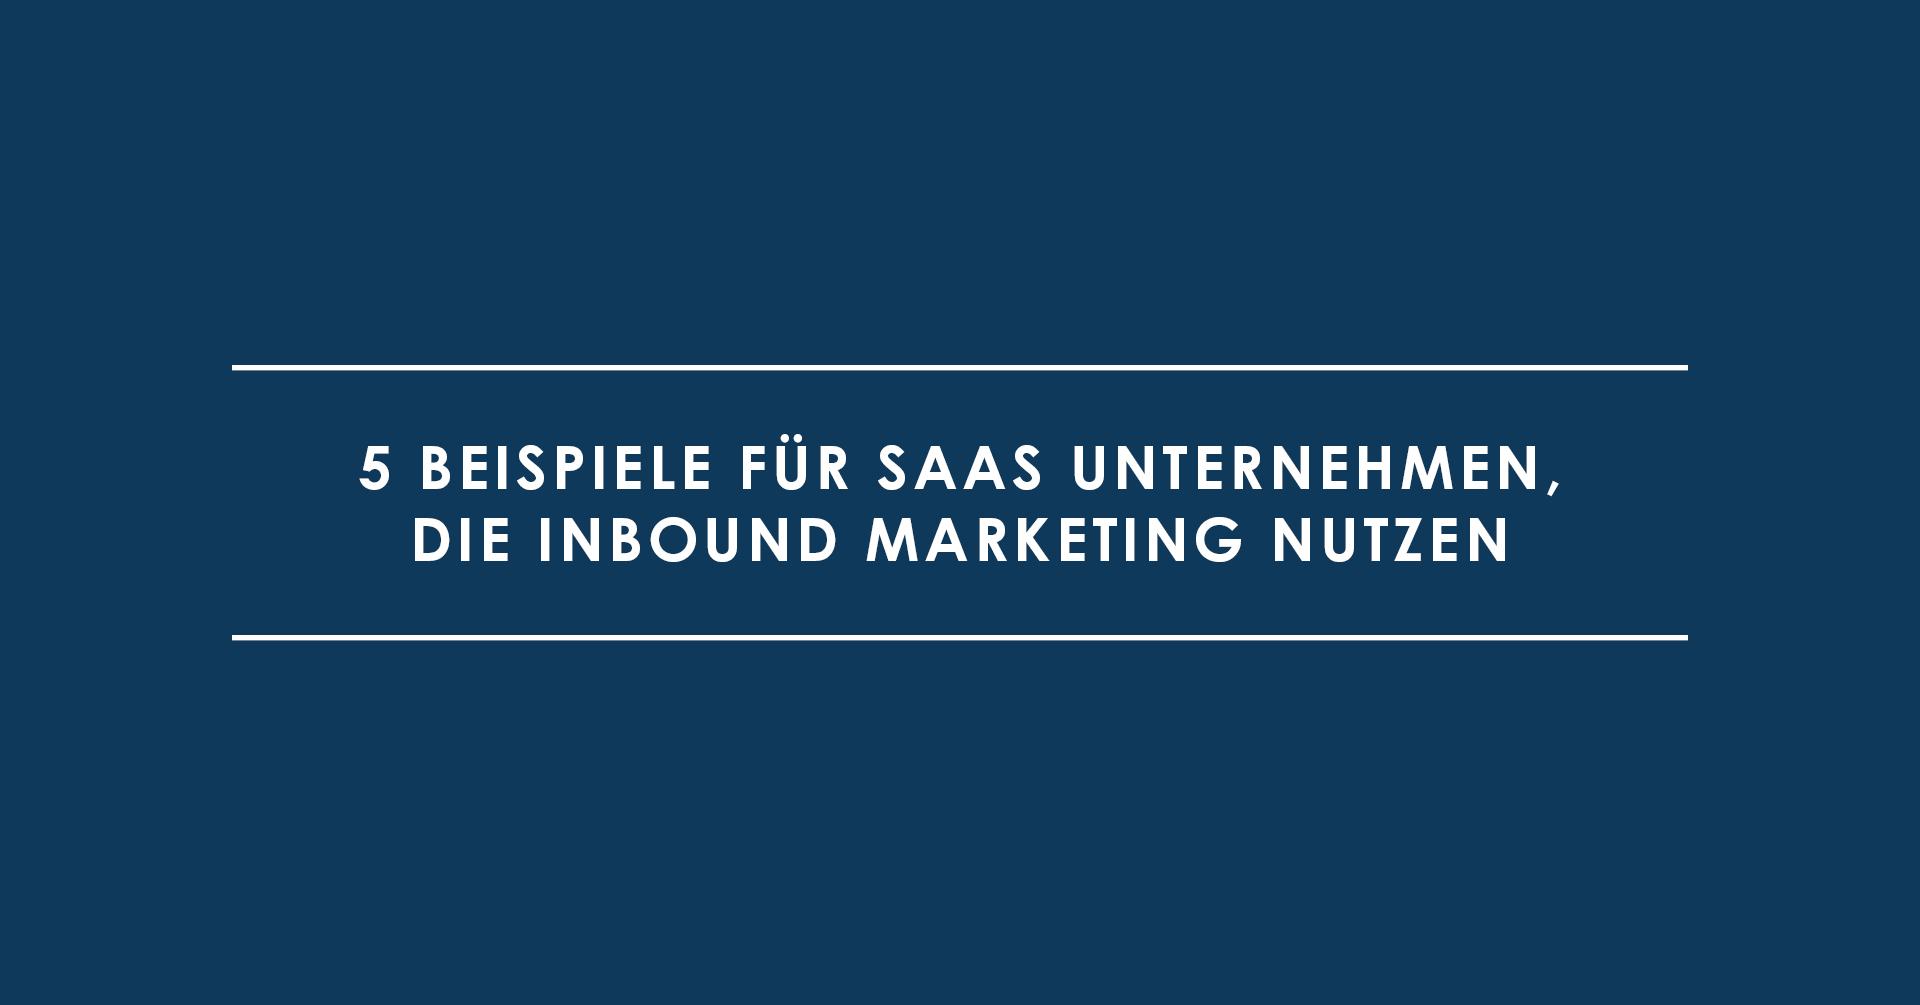 5 Beispiele für SaaS Unternehmen, die Inbound Marketing nutzen